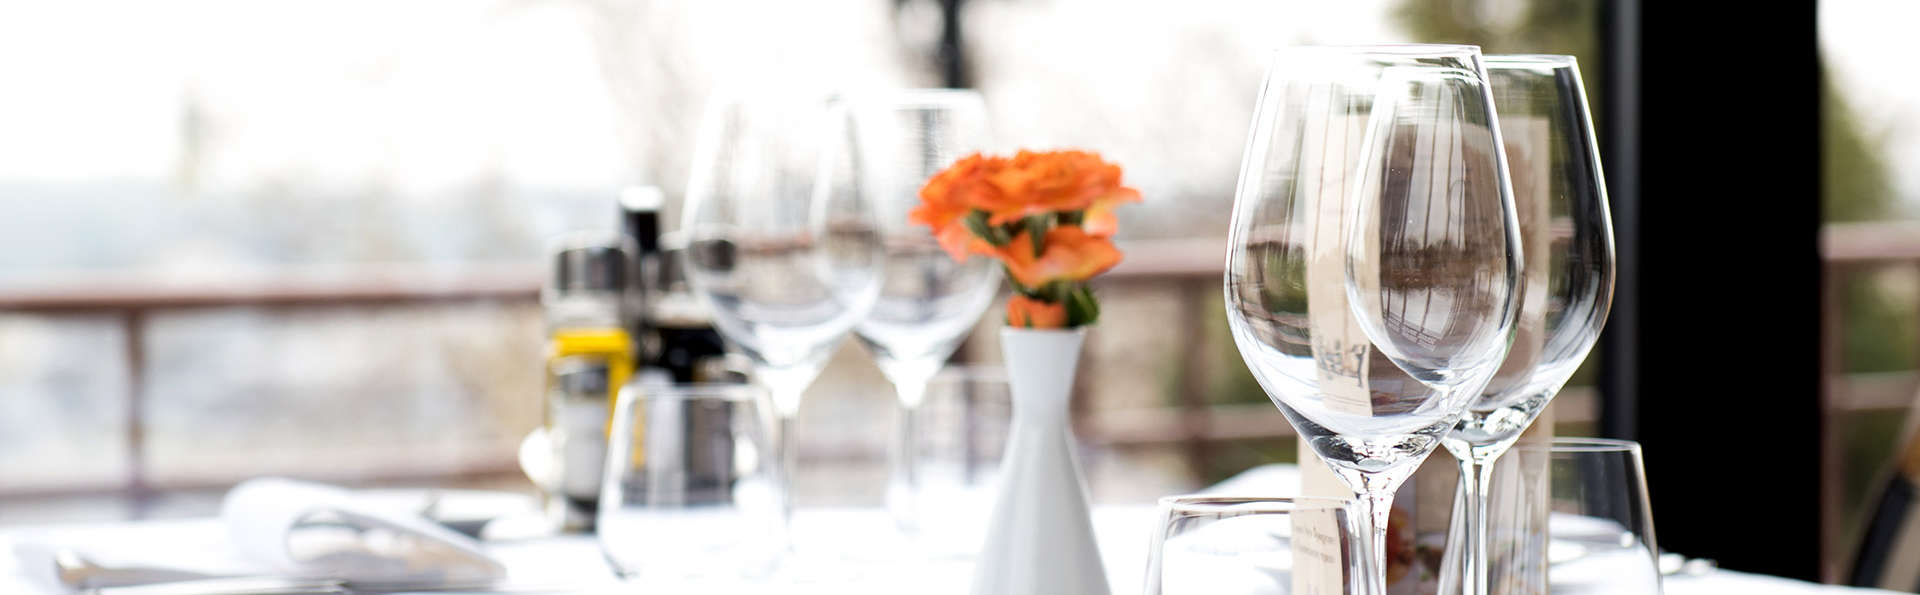 Oferta relax y gastronómica: escápate con cena y entrada al spa en antequera